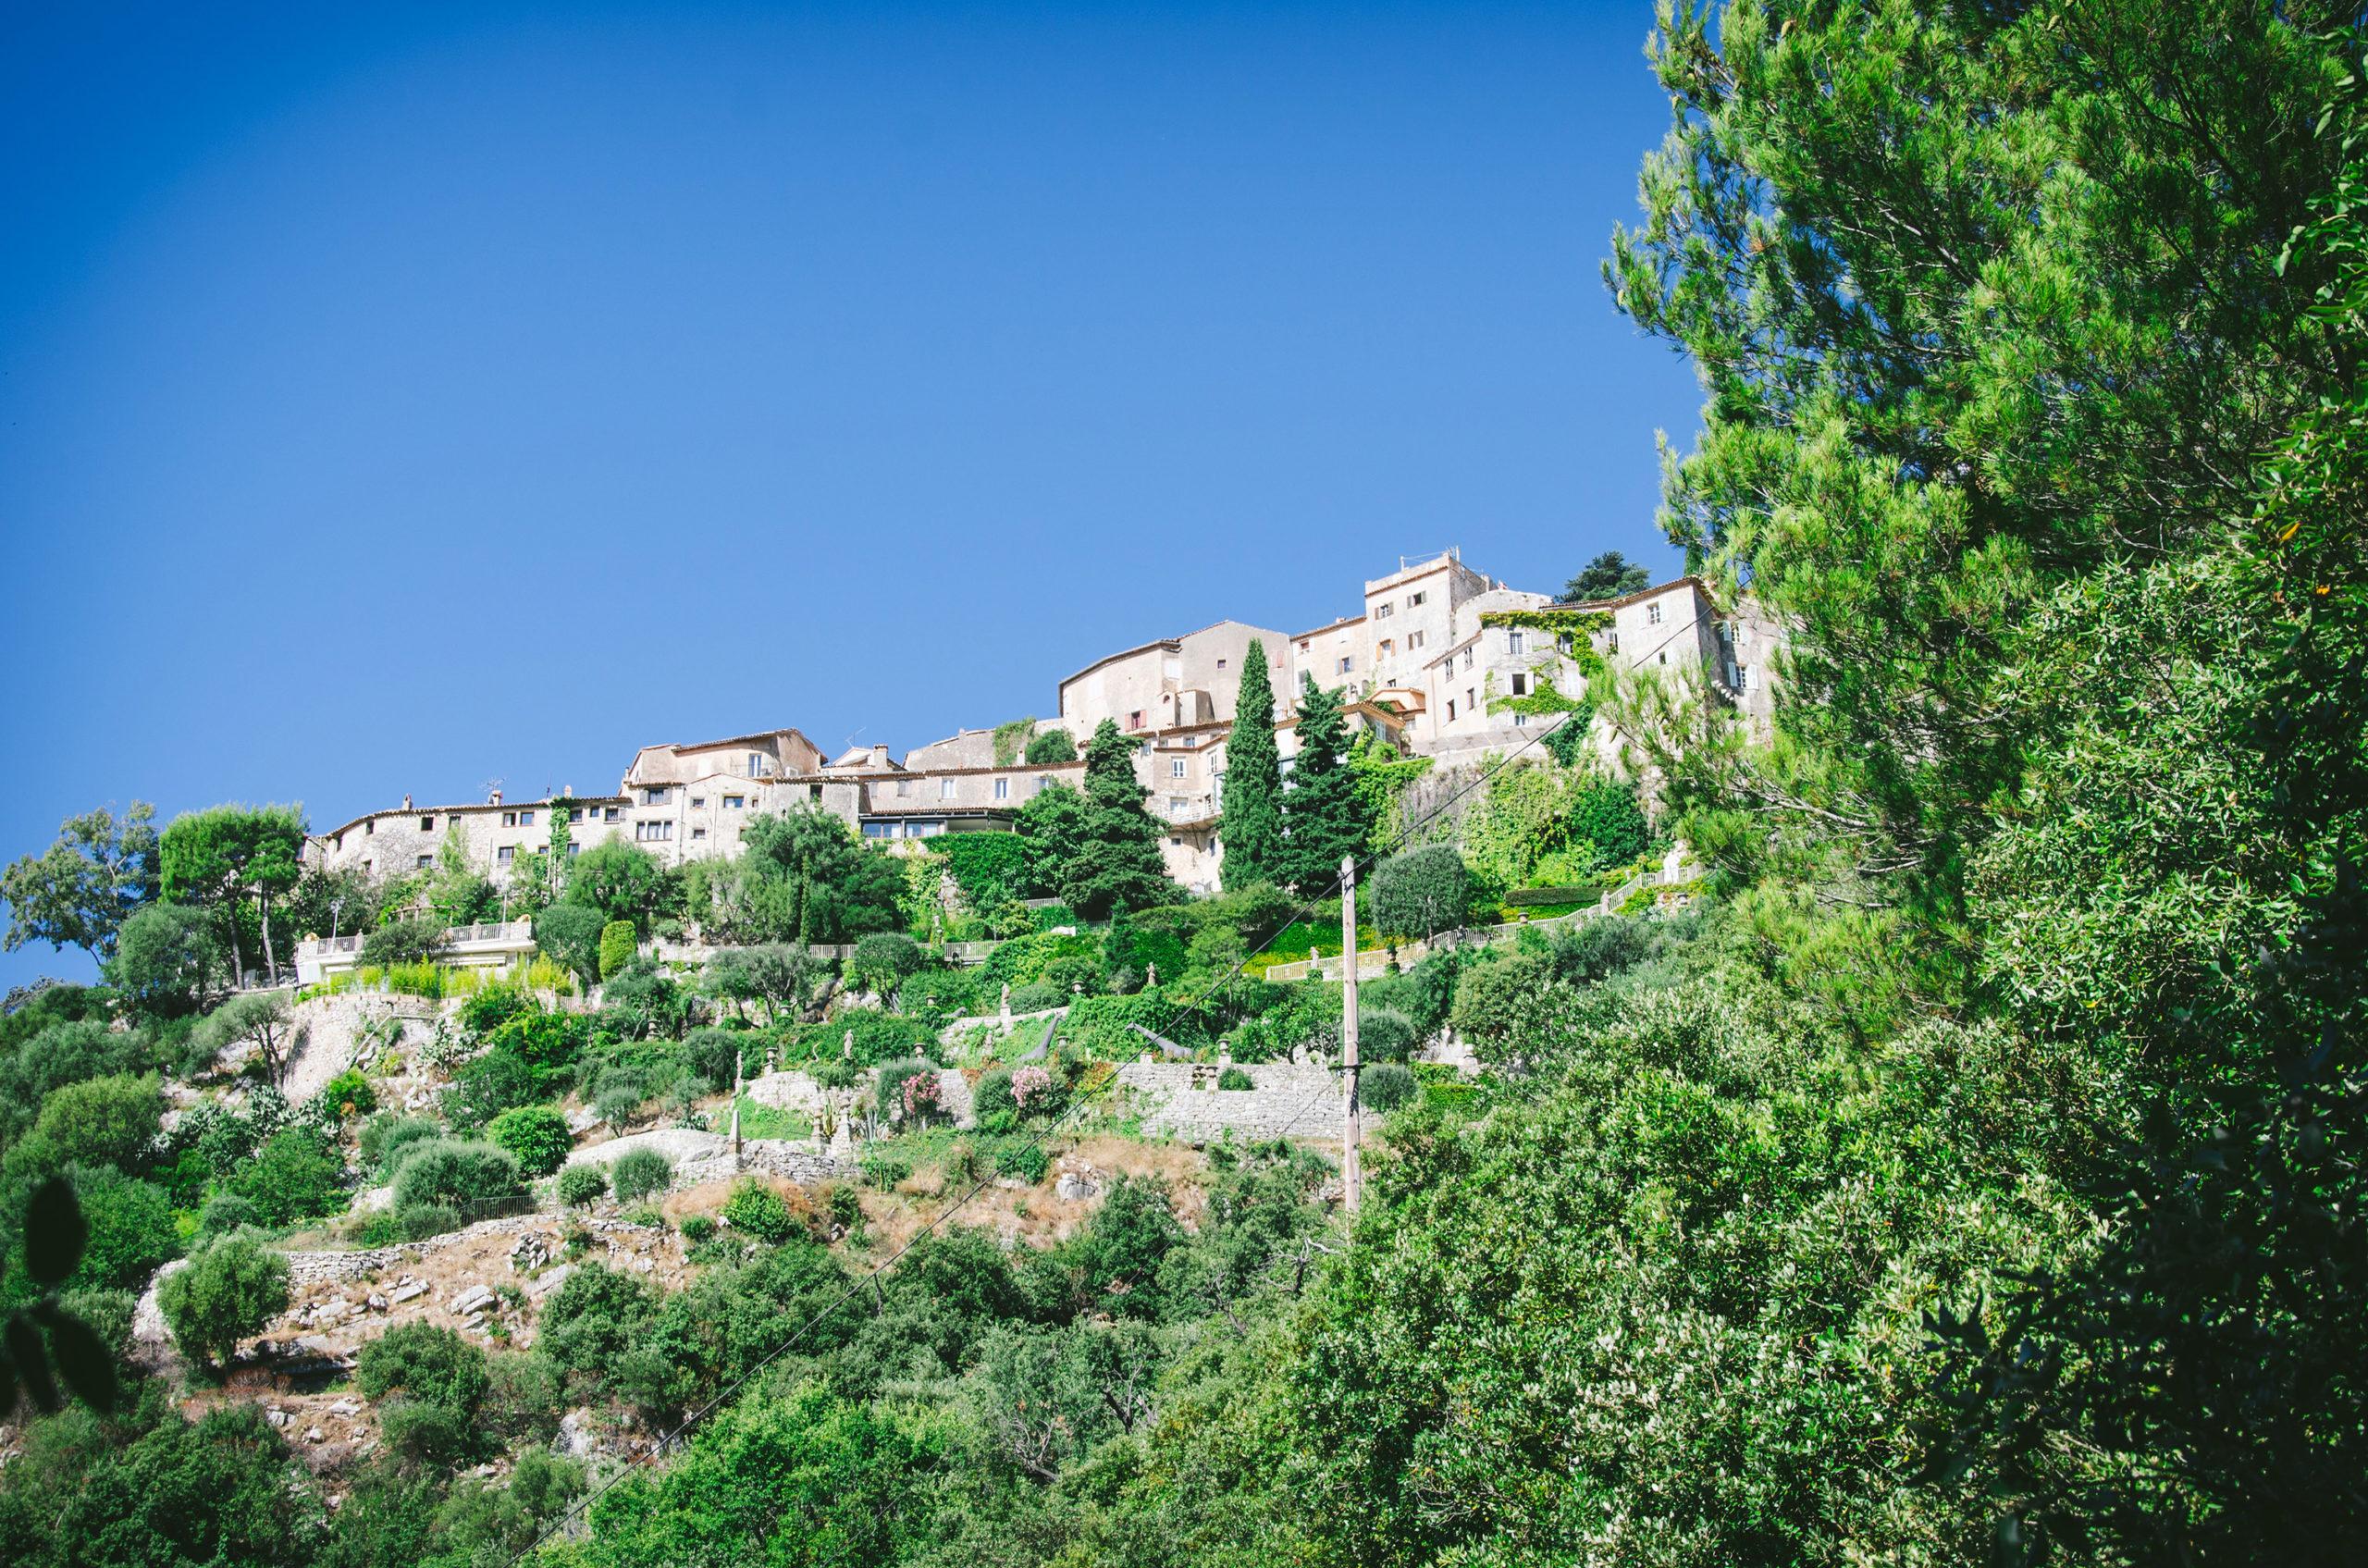 5 choses à faire sans voiture dans la Riviera autour de Nice - sentier de nietzsche